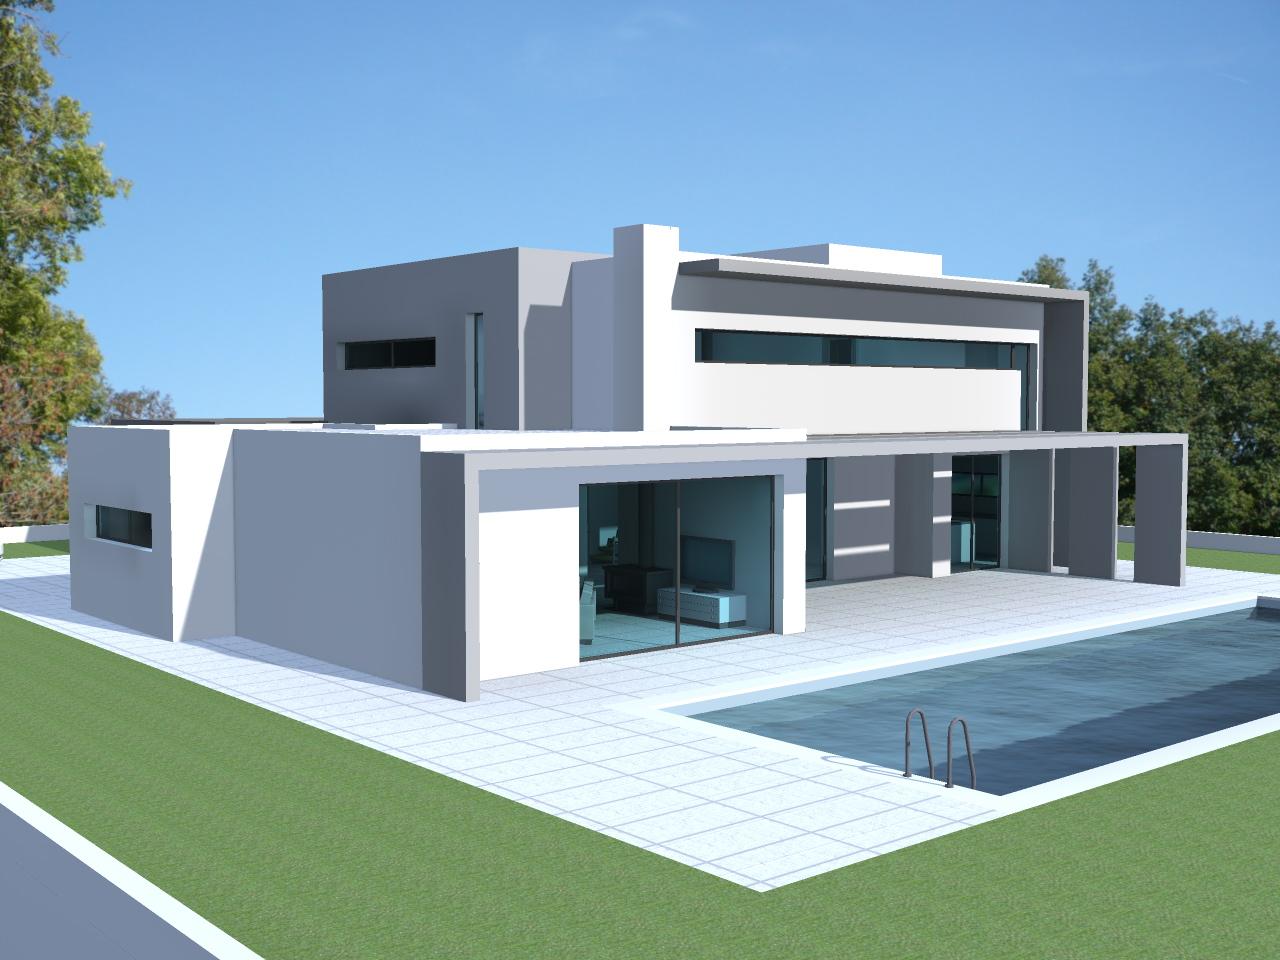 Toiture de maison moderne mc immo for Maison moderne mc